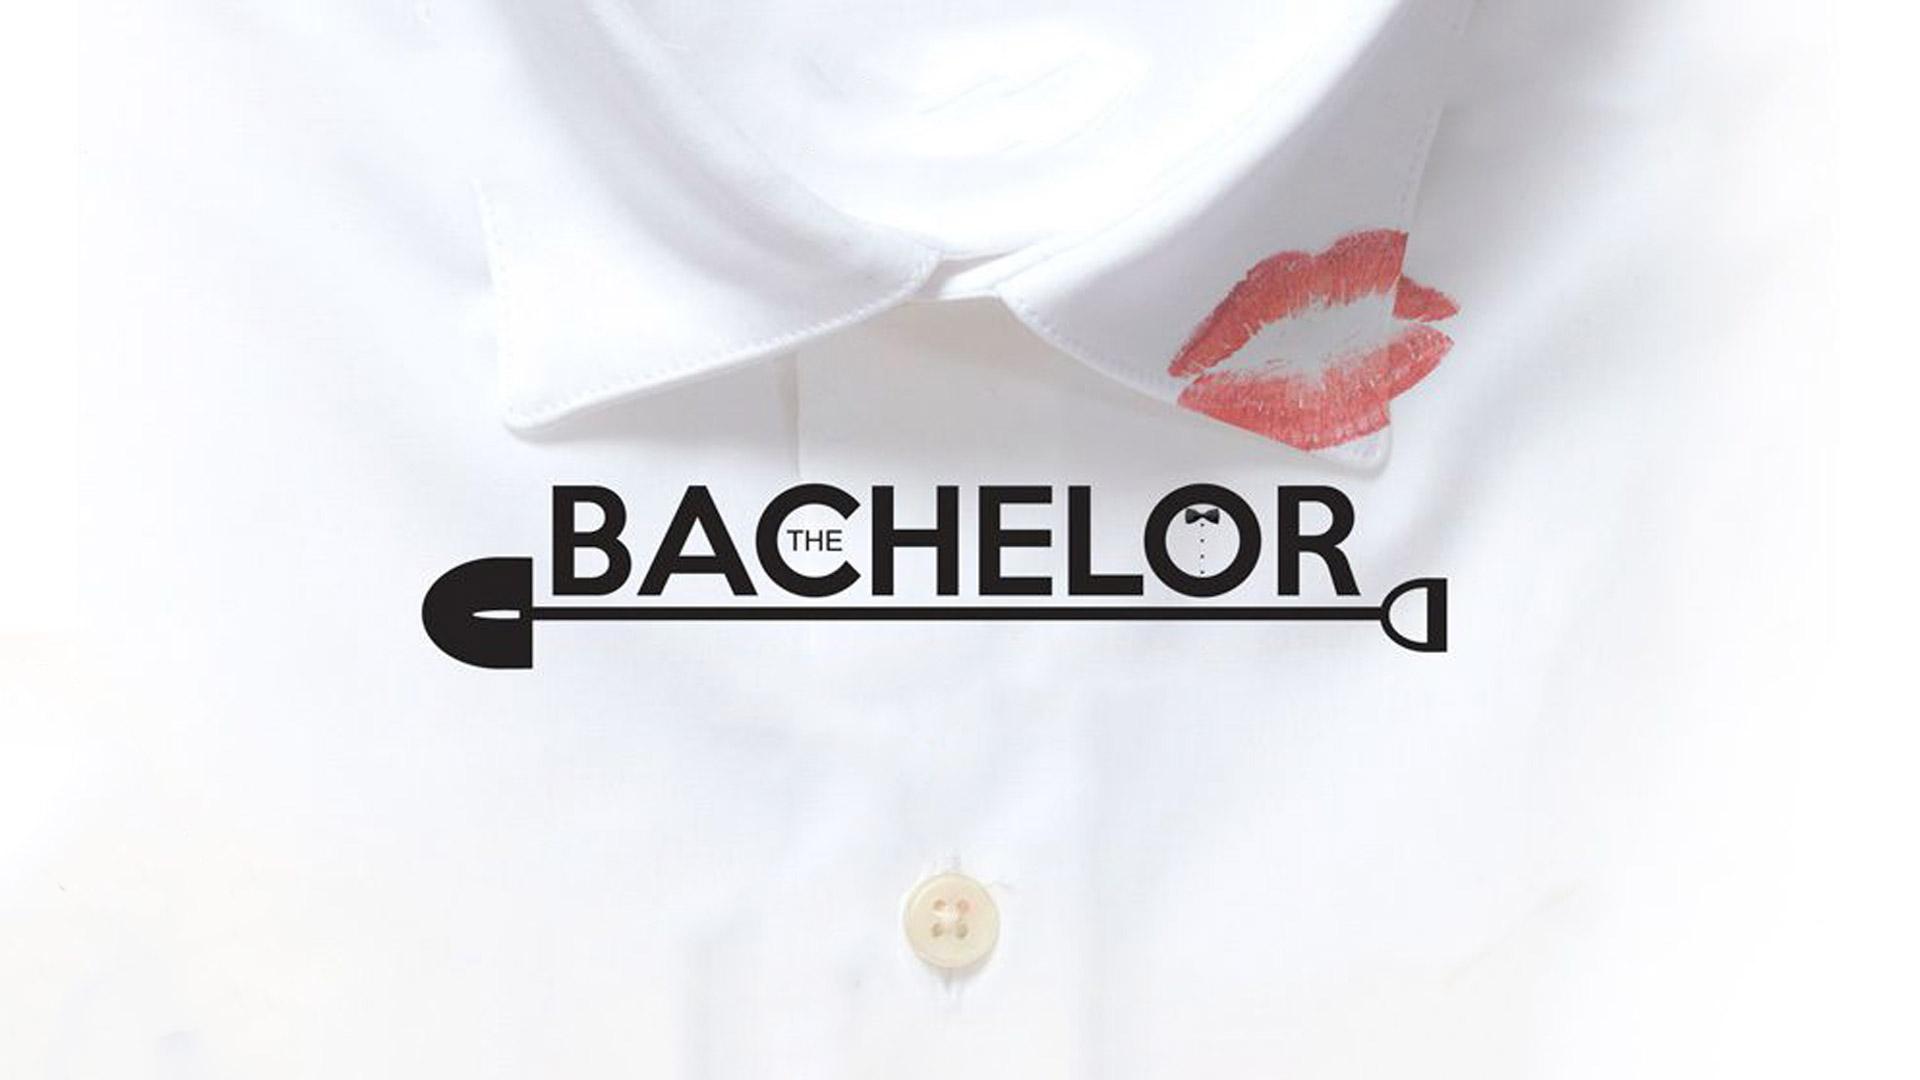 The Bachelor 1